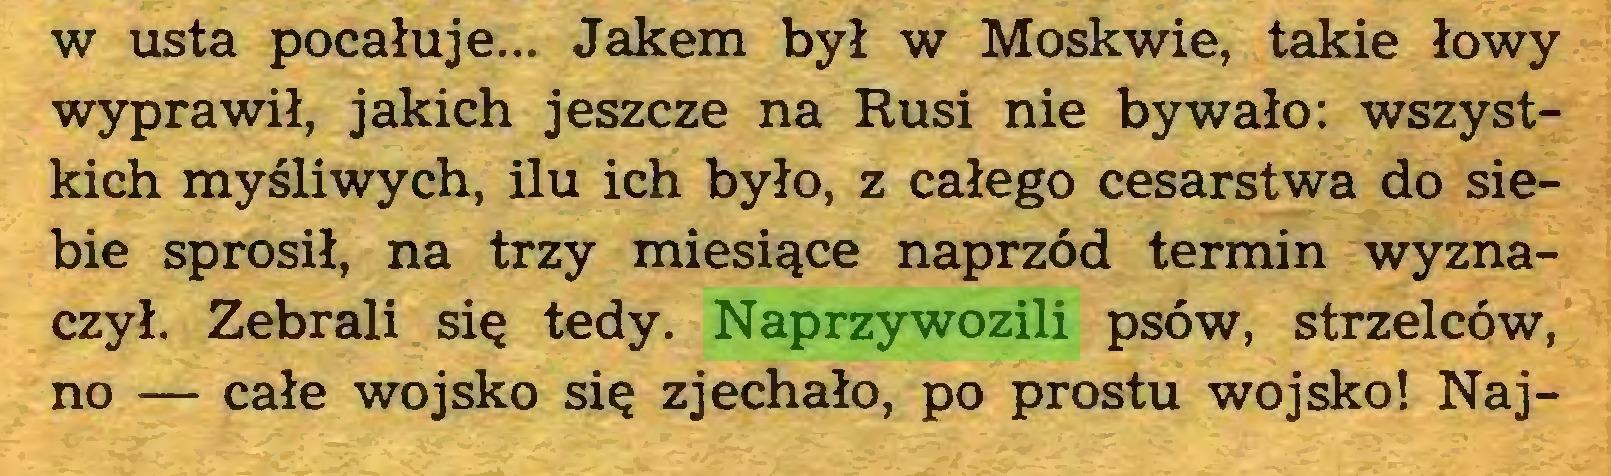 (...) w usta pocałuje... Jakem był w Moskwie, takie łowy wyprawił, jakich jeszcze na Rusi nie bywało: wszystkich myśliwych, ilu ich było, z całego cesarstwa do siebie sprosił, na trzy miesiące naprzód termin wyznaczył. Zebrali się tedy. Naprzywozili psów, strzelców, no — całe wojsko się zjechało, po prostu wojsko! Naj...